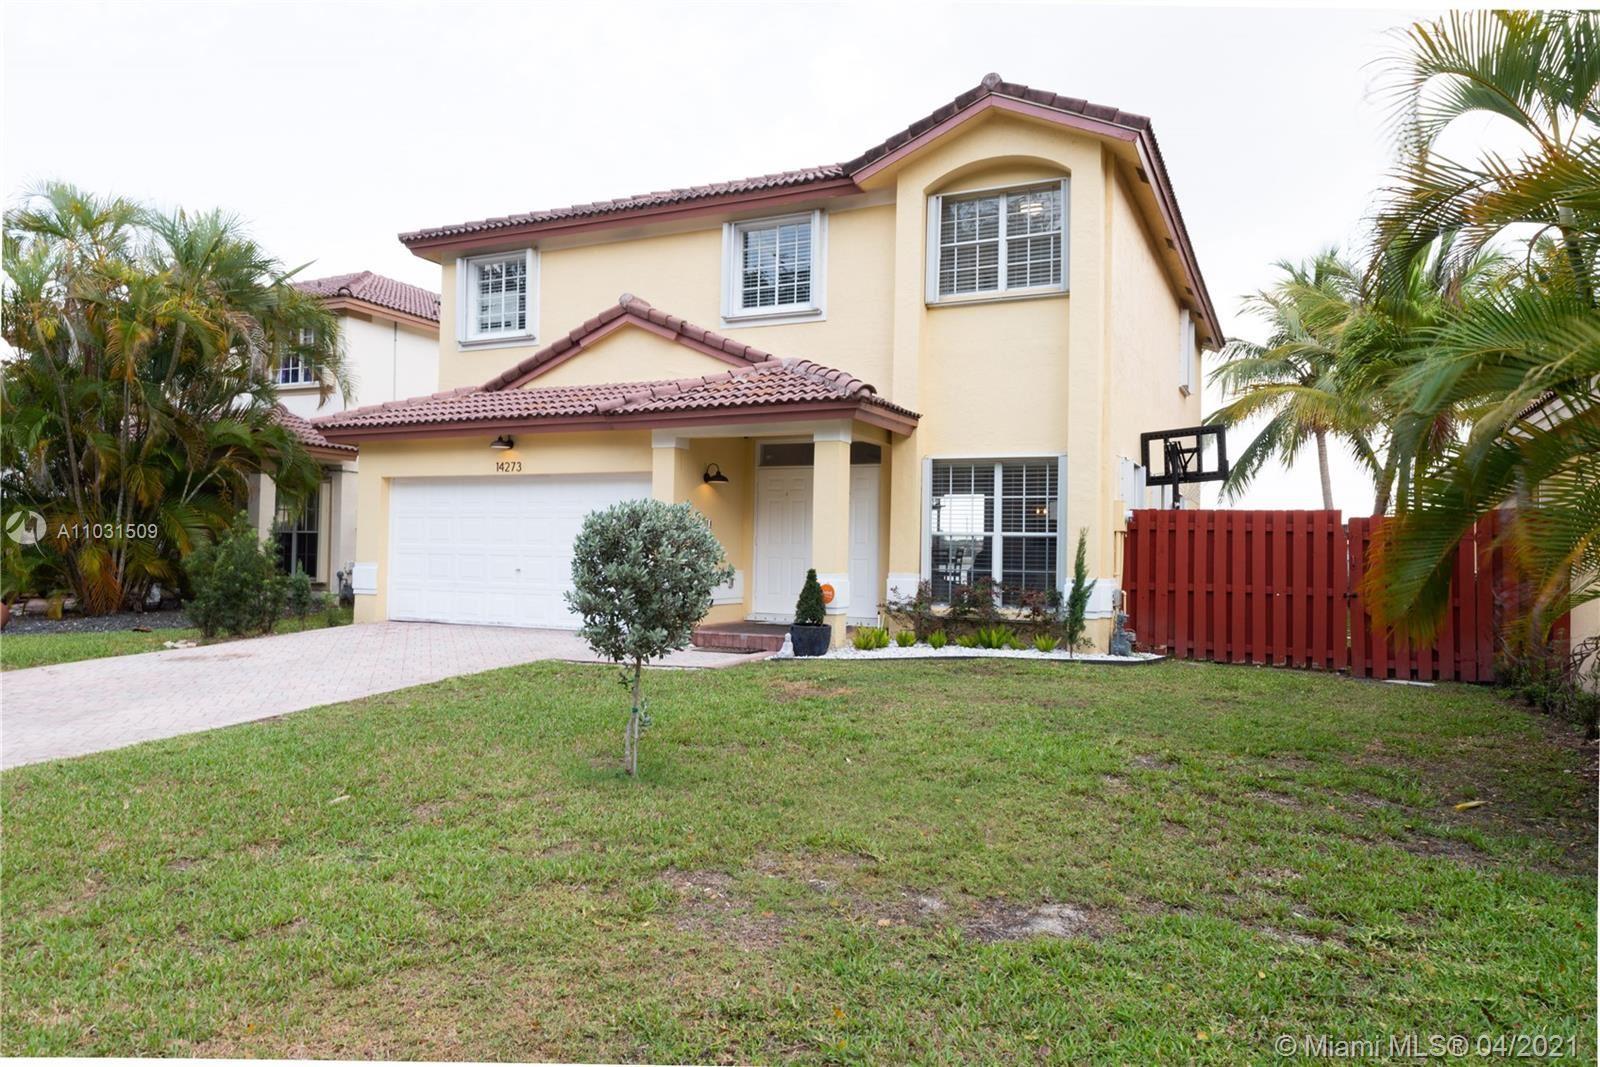 14273 SW 125th Ave, Miami, FL 33186 - #: A11031509